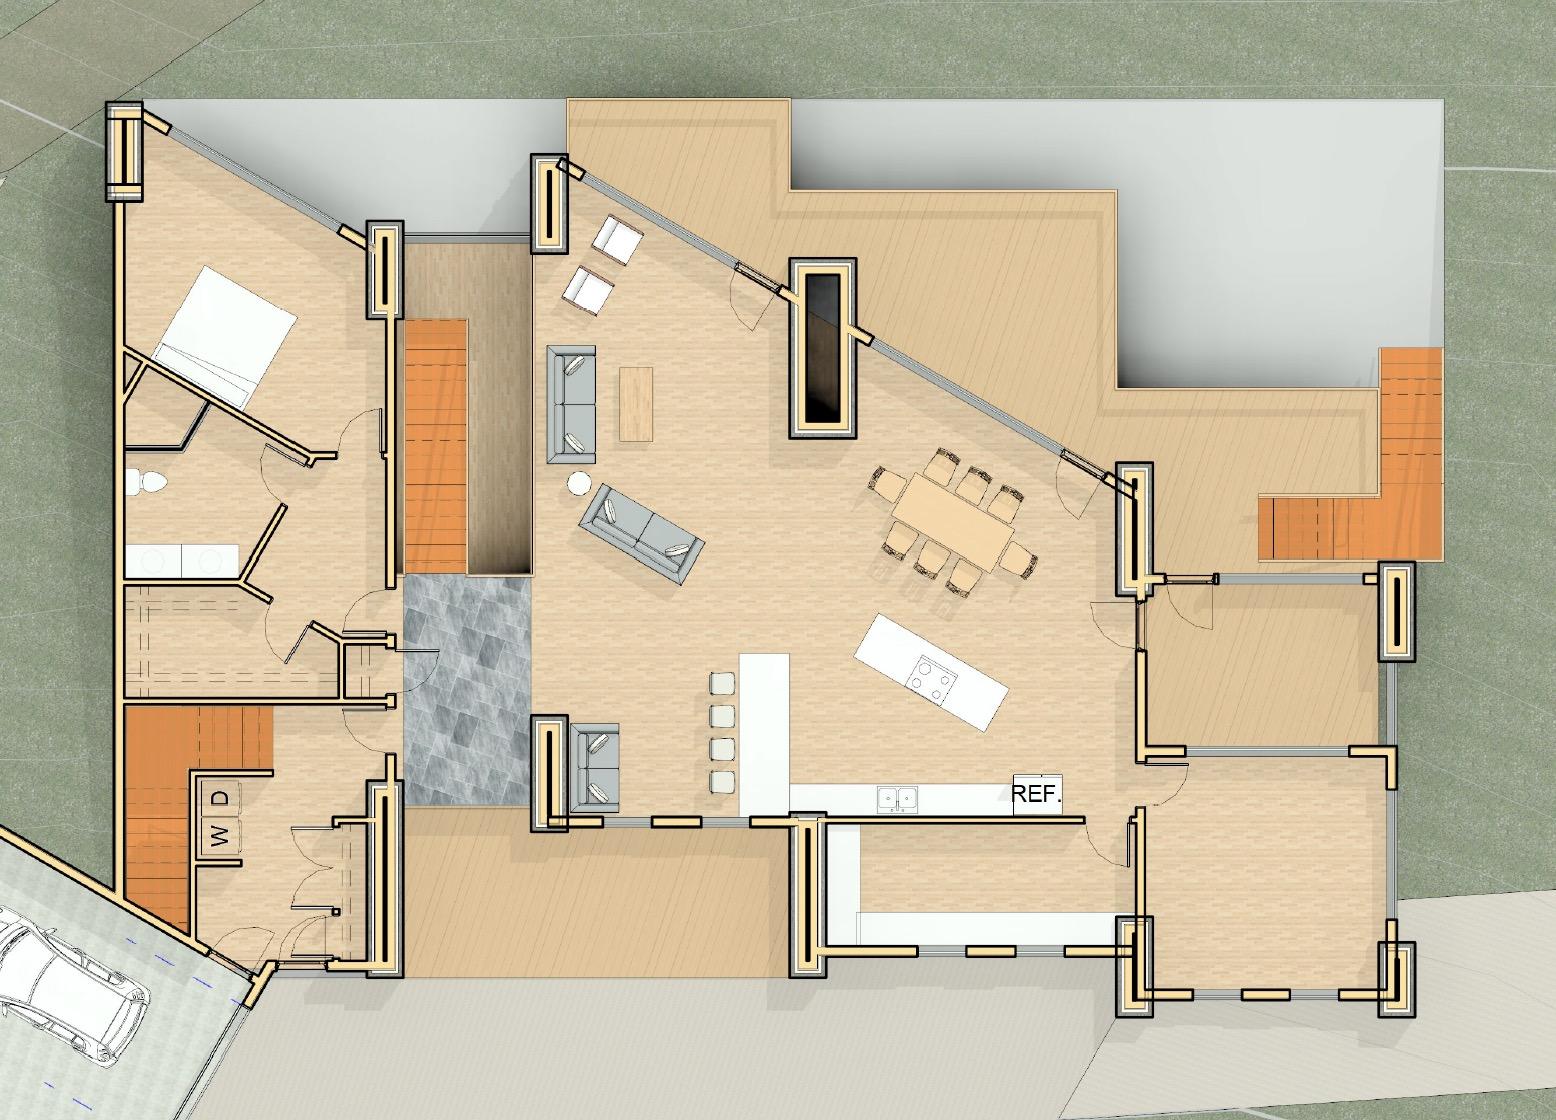 floor-plan-kitchenk-mountain-house.JPG